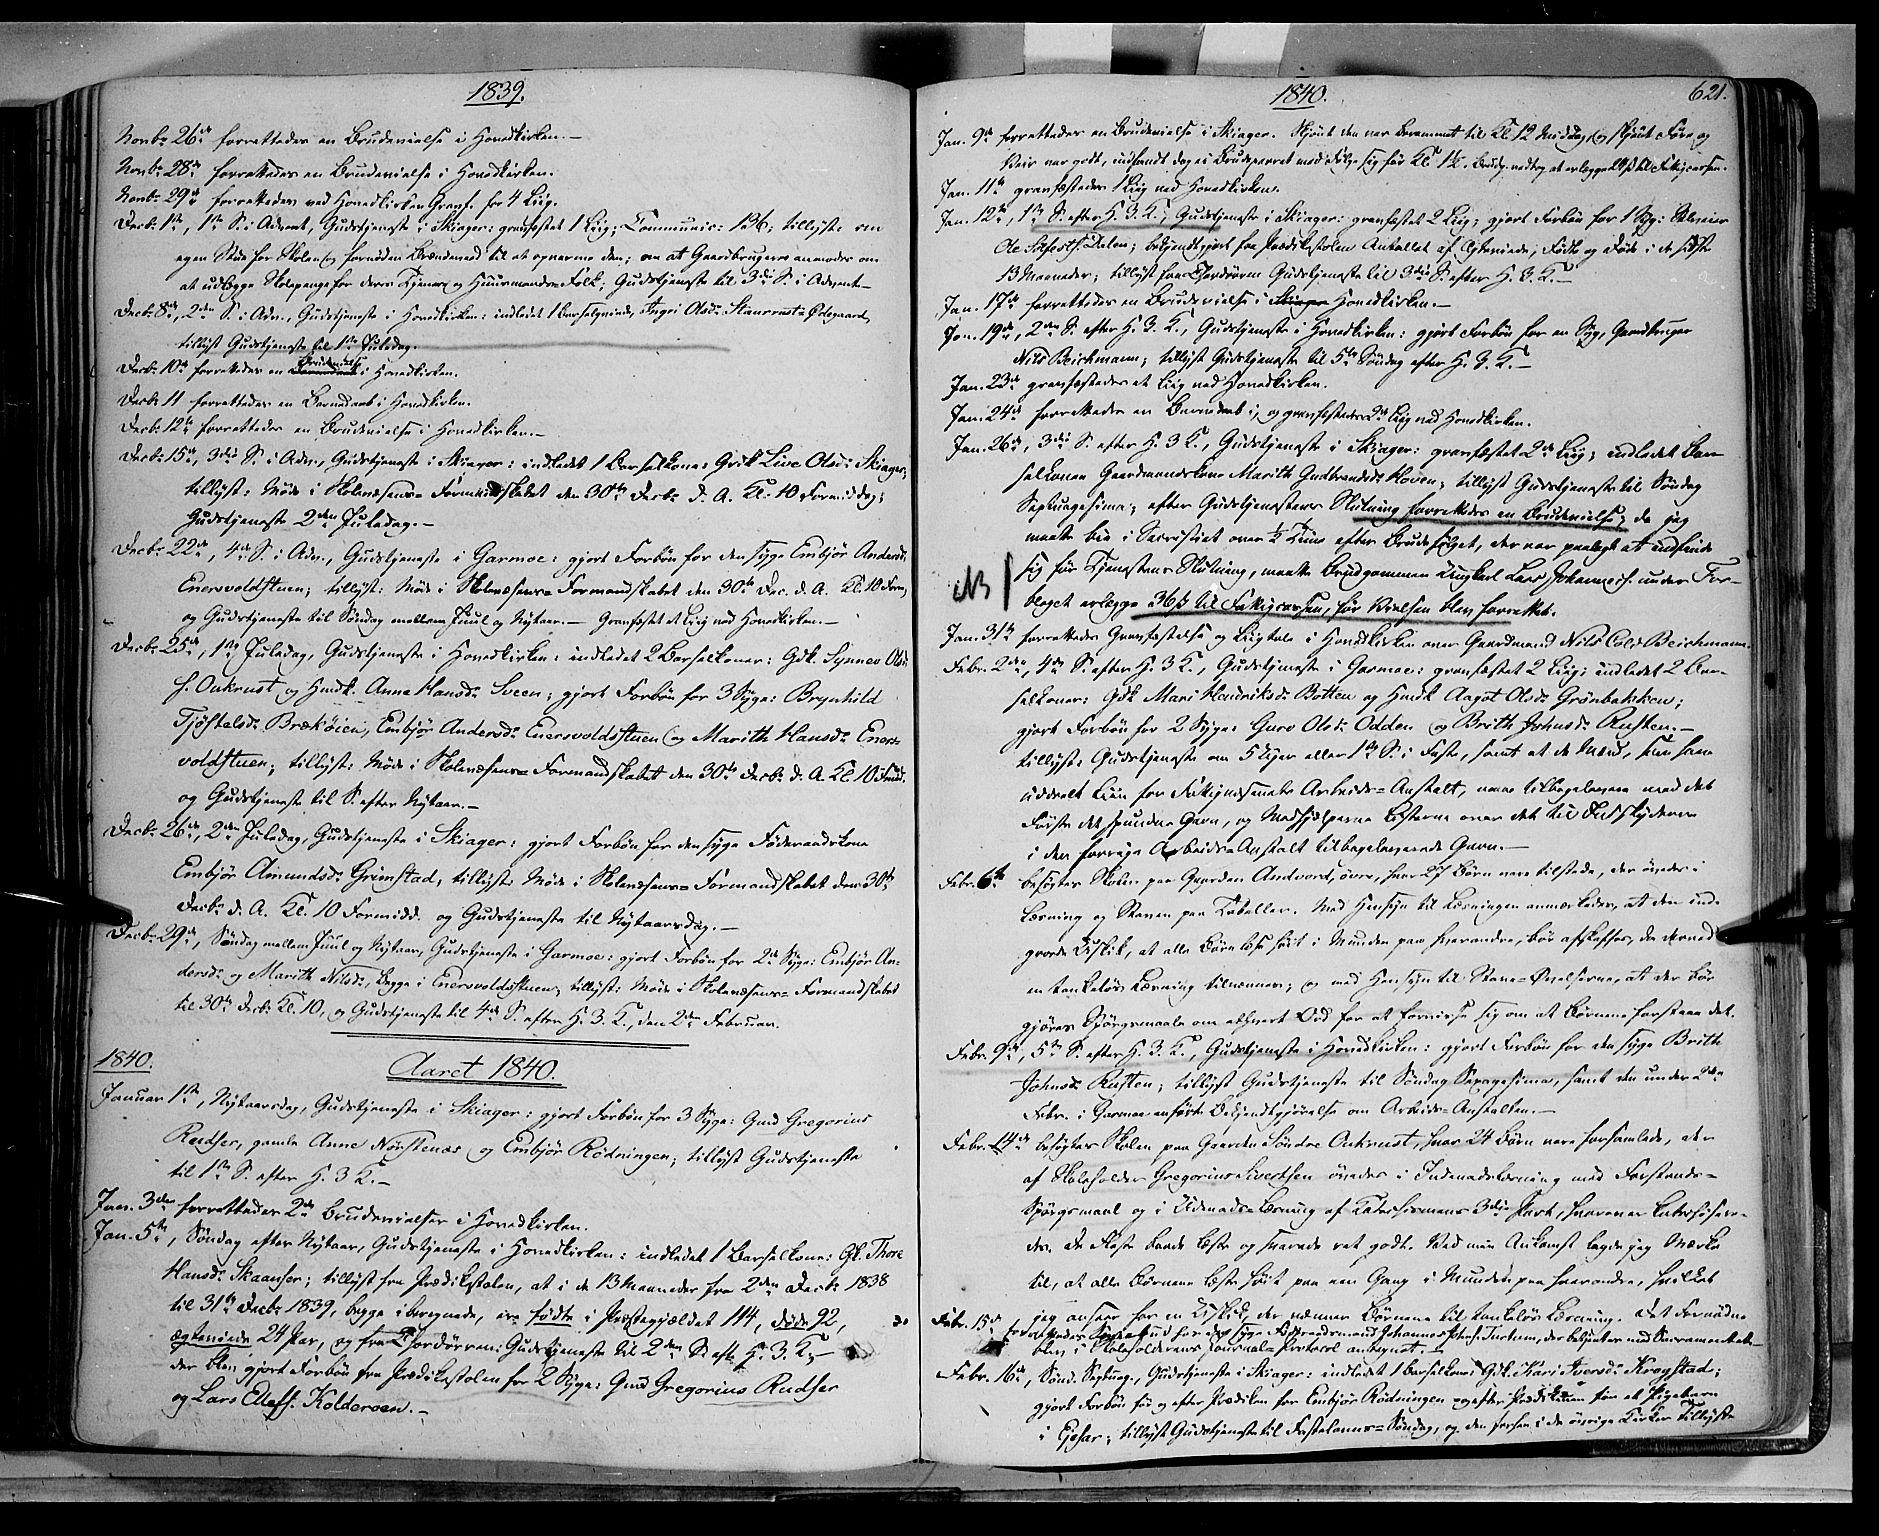 SAH, Lom prestekontor, K/L0006: Ministerialbok nr. 6B, 1837-1863, s. 621